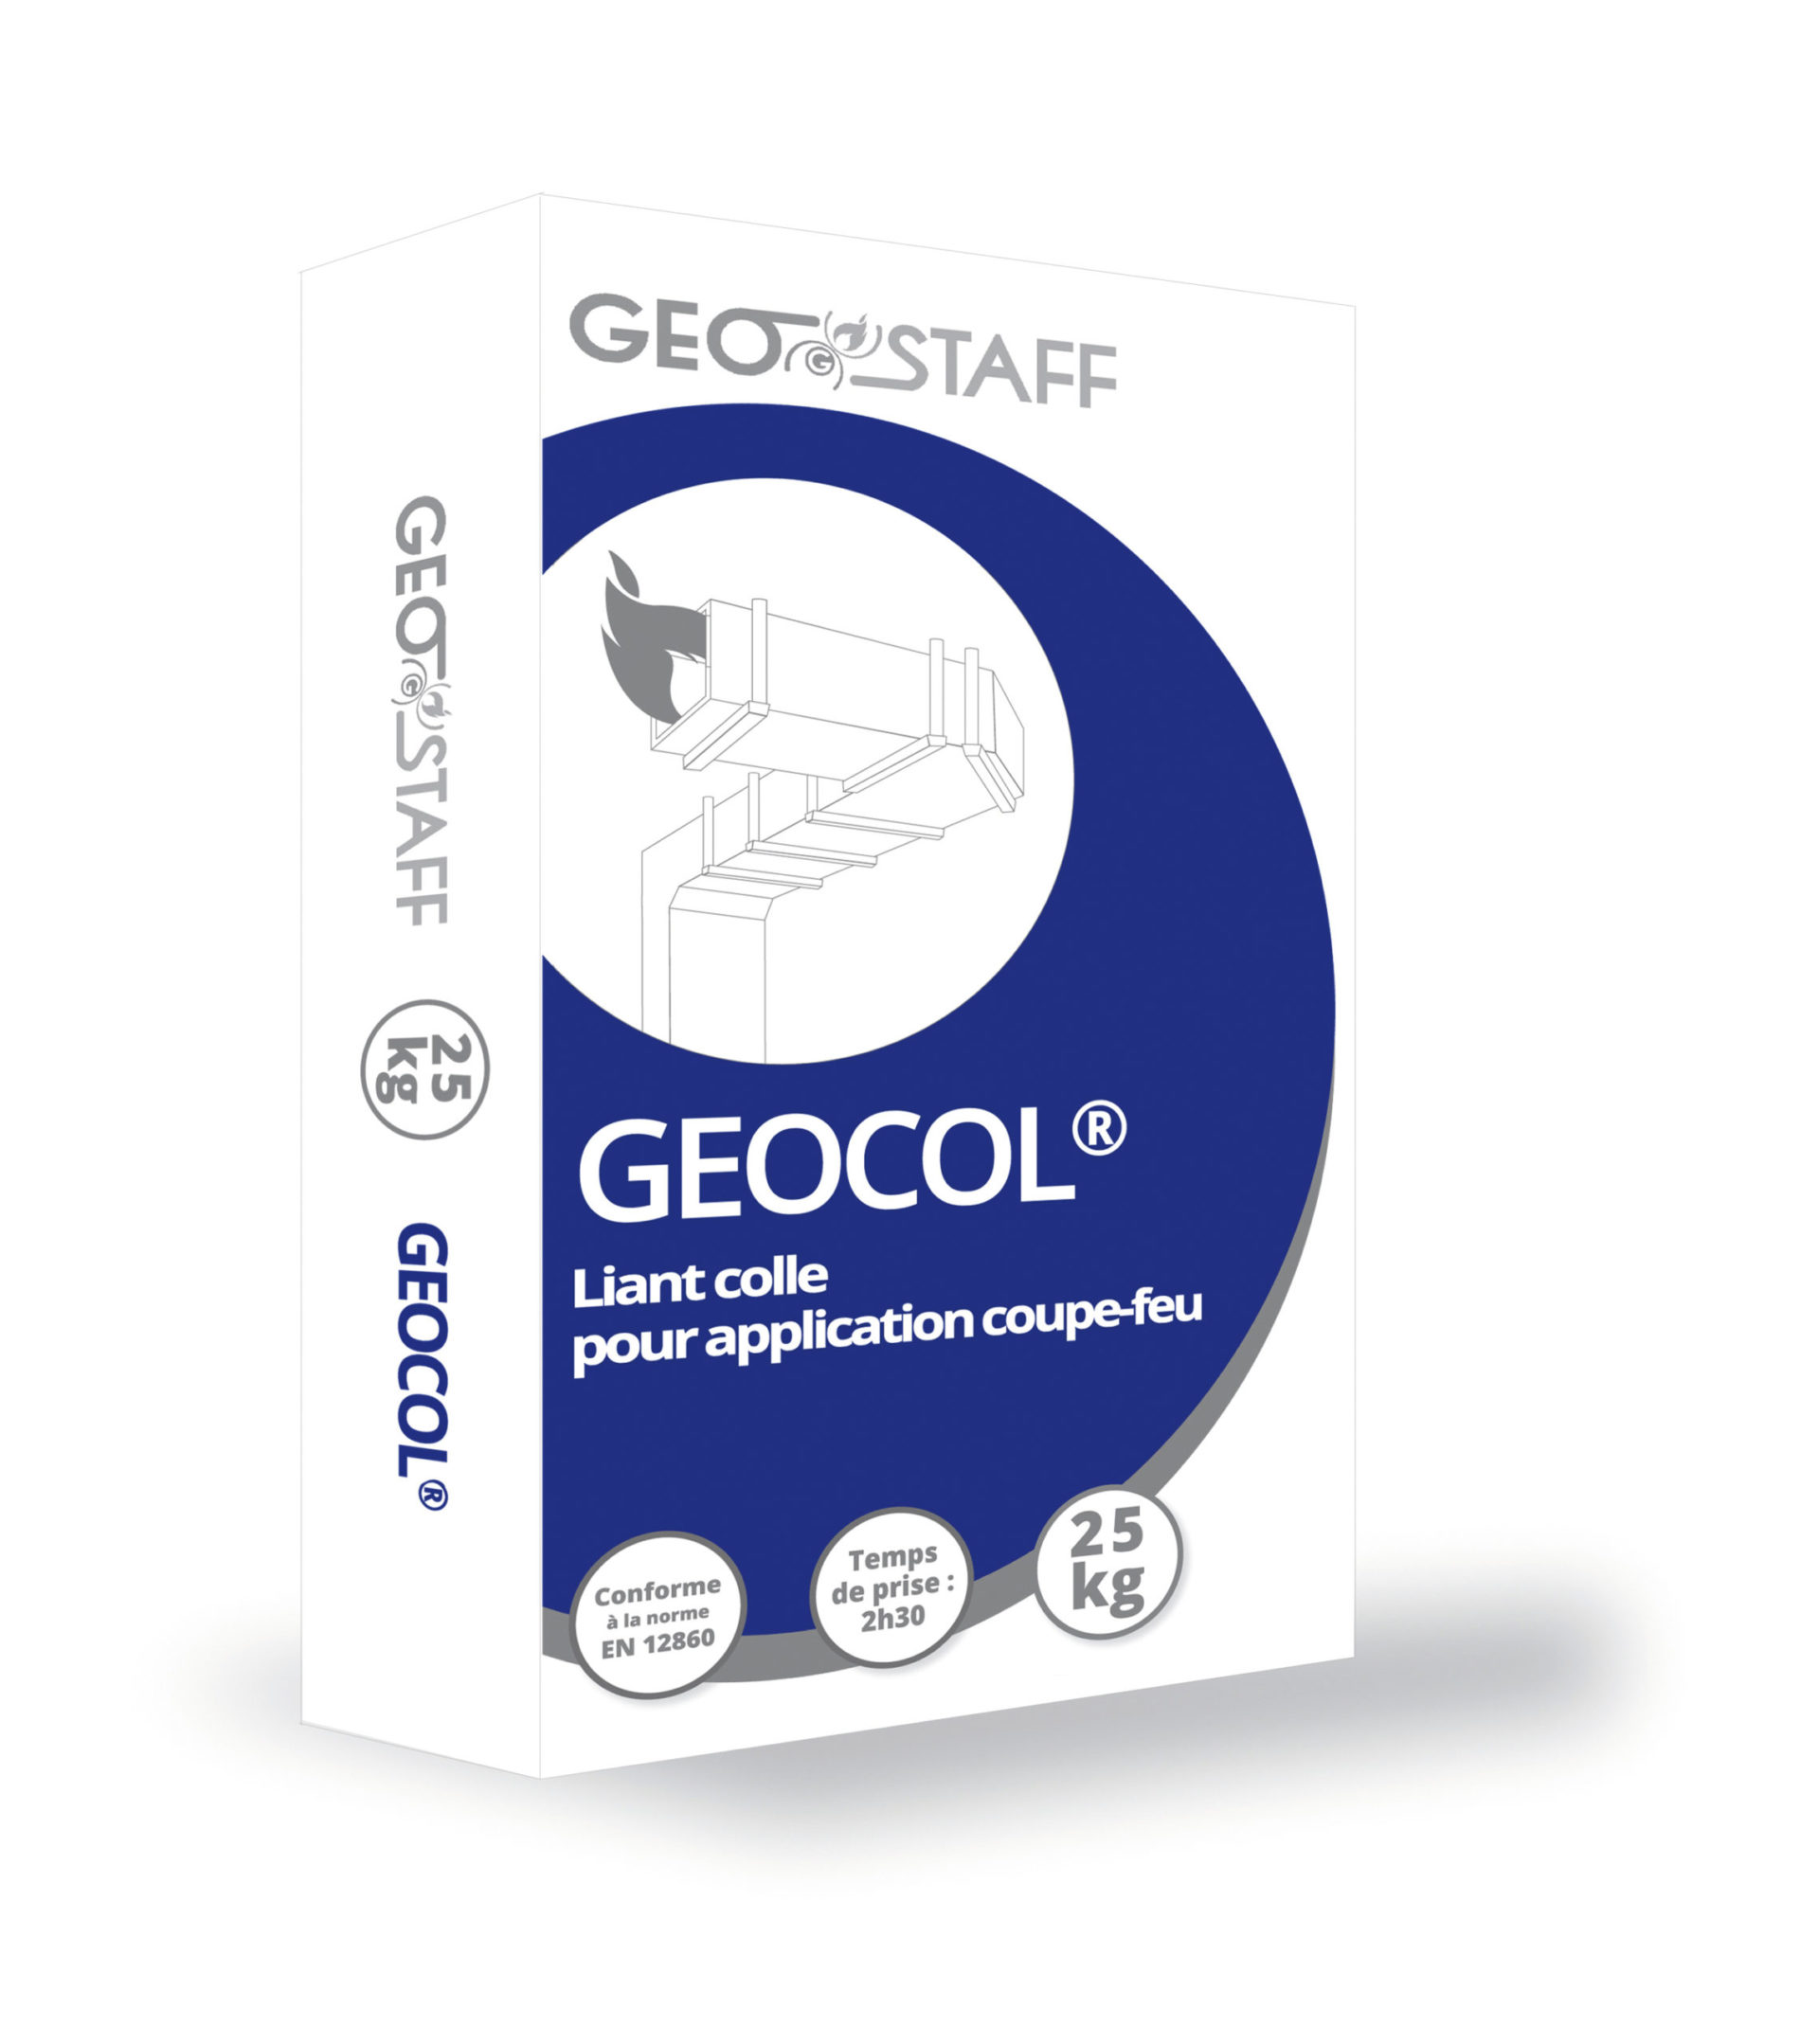 Colle GEOCOL® de Geostaff